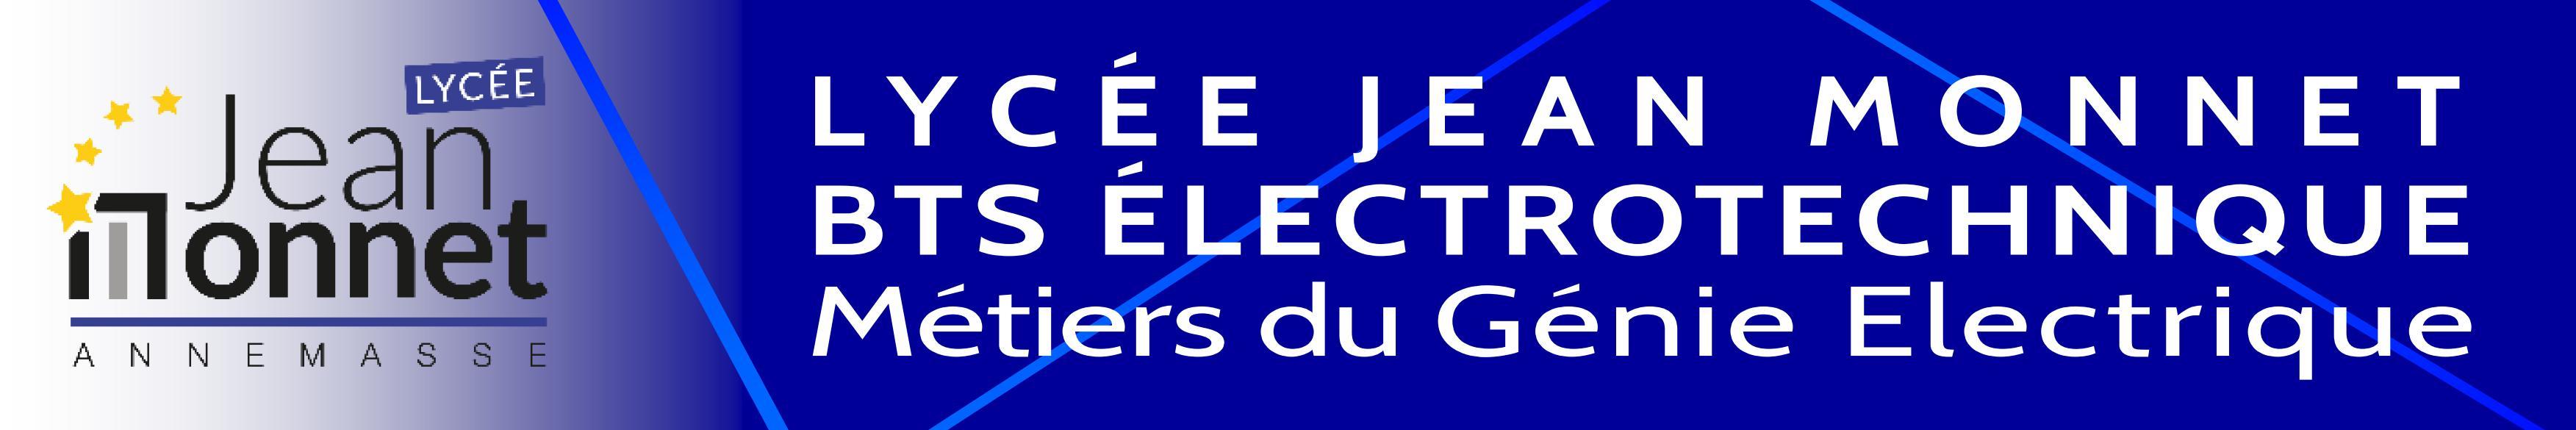 Radiateur Electrique Wikipedia pour wiki du bts electrotechnique - sa - thermique